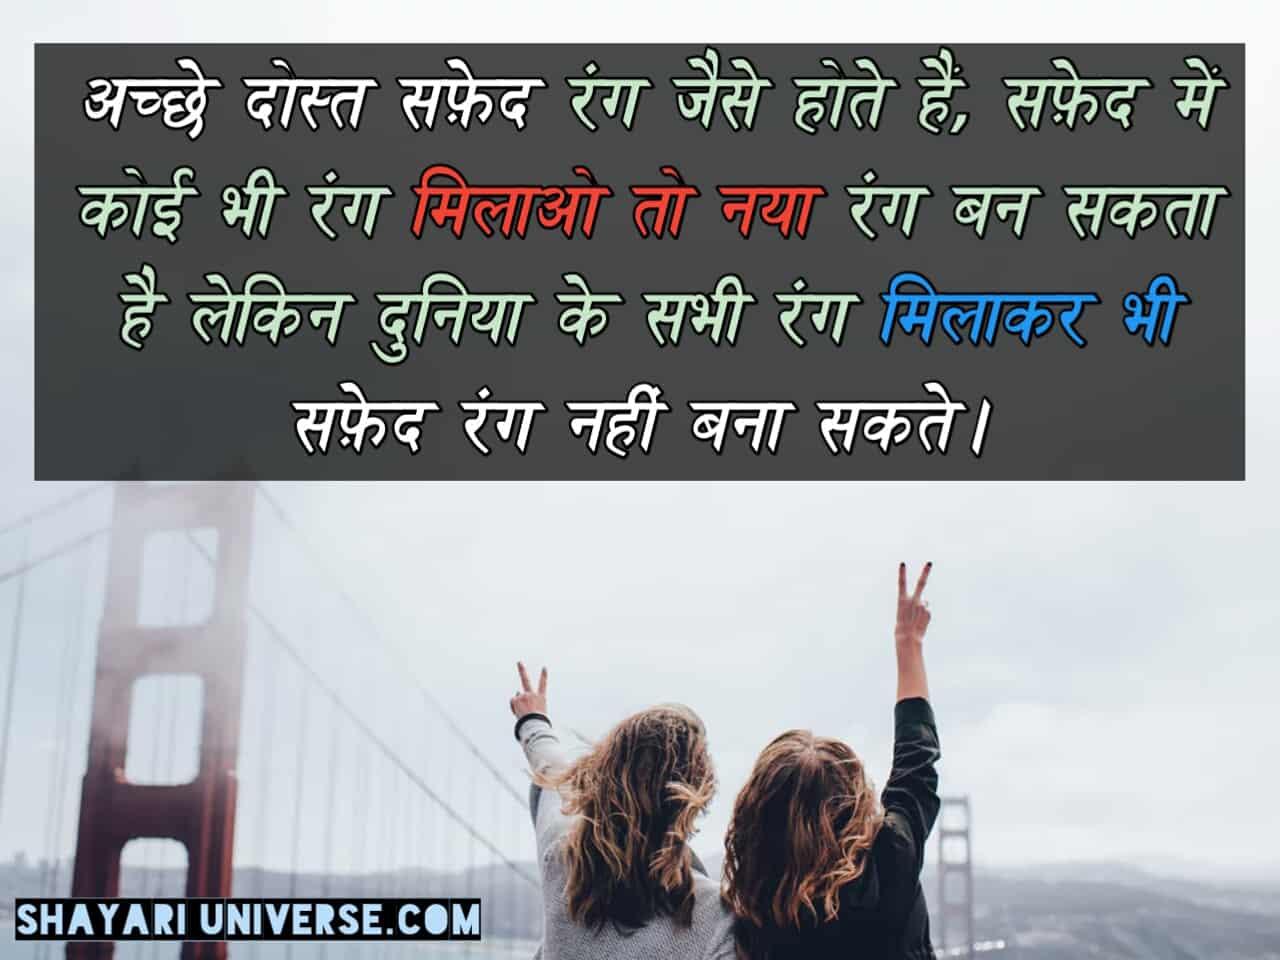 hindi shayari dosti ki yaad